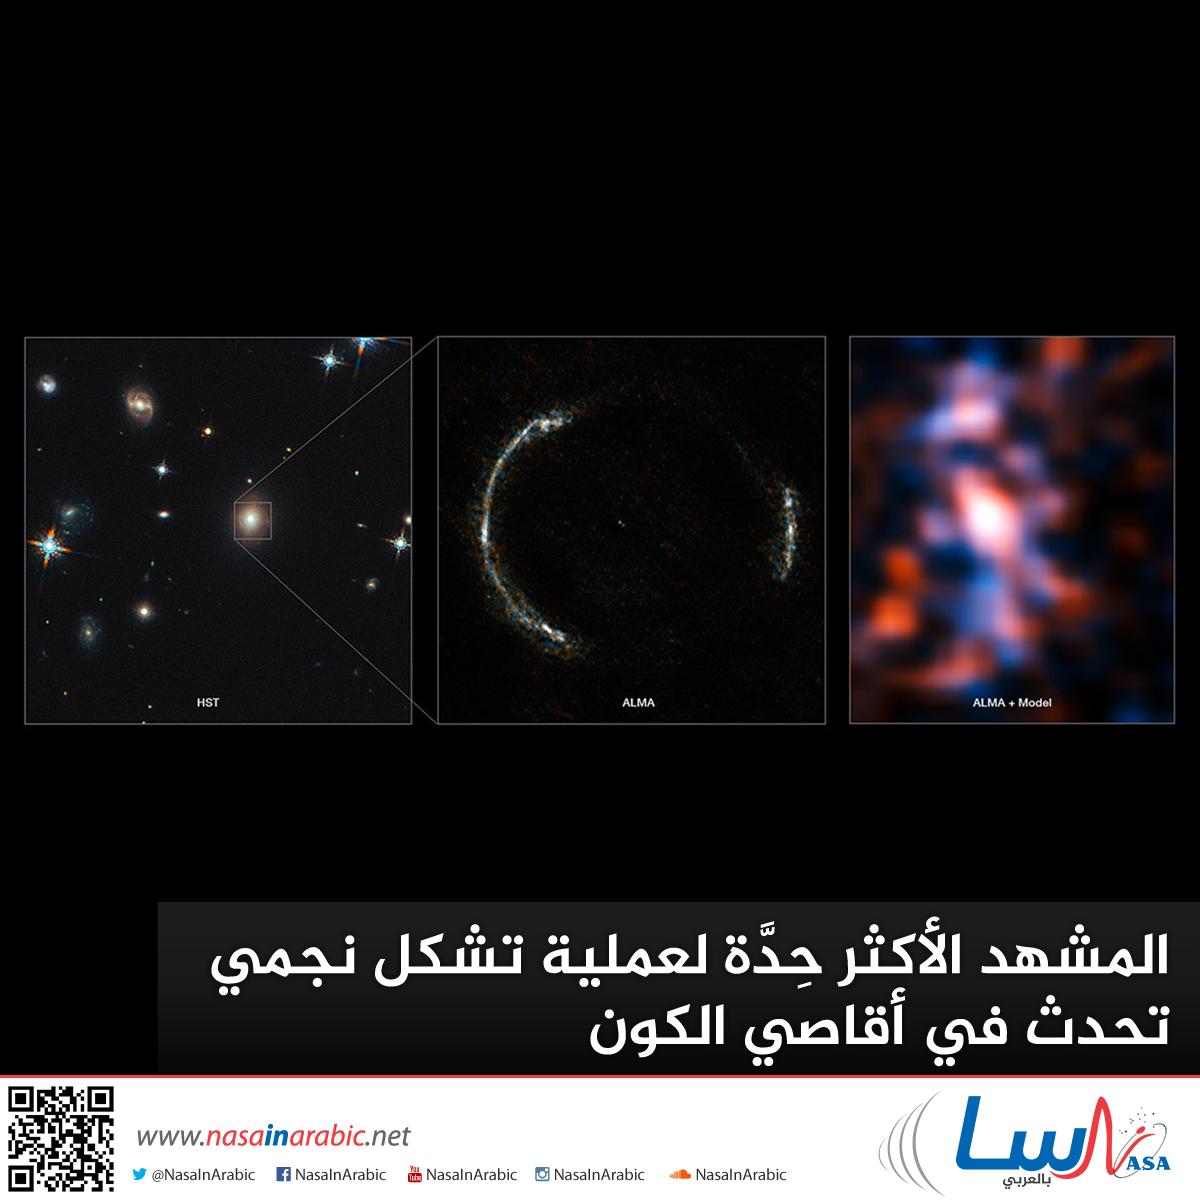 المشهد الأكثر حِدَّة لعملية تشكل نجمي تحدث في أقاصي الكون